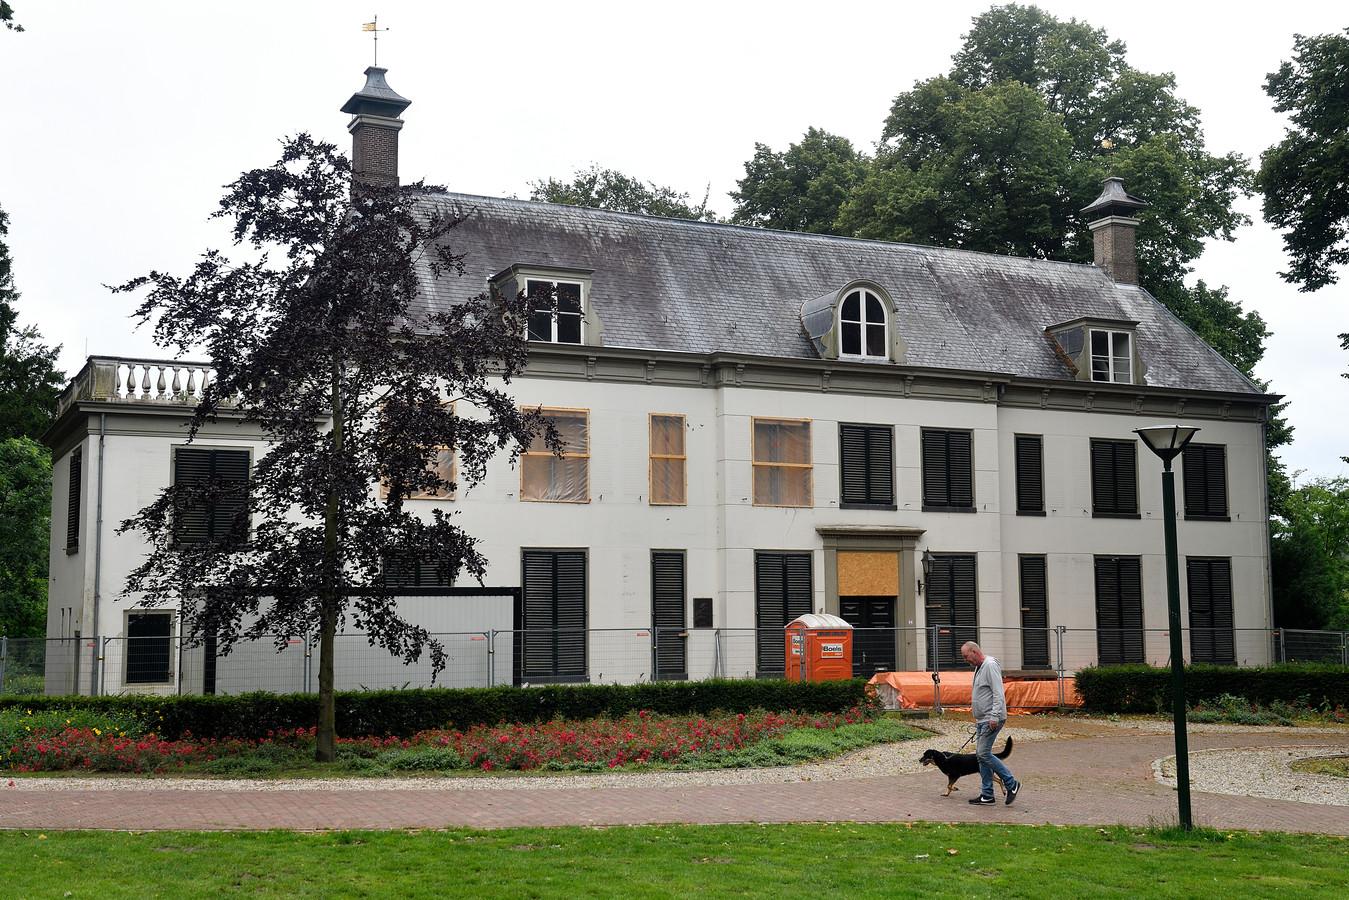 Huize Randenbroek. Tegen eigenaar Timo Kruft is aangifte gedaan door de gemeente Amersfoort vanwege sloopwerkzaamheden zonder vergunning.